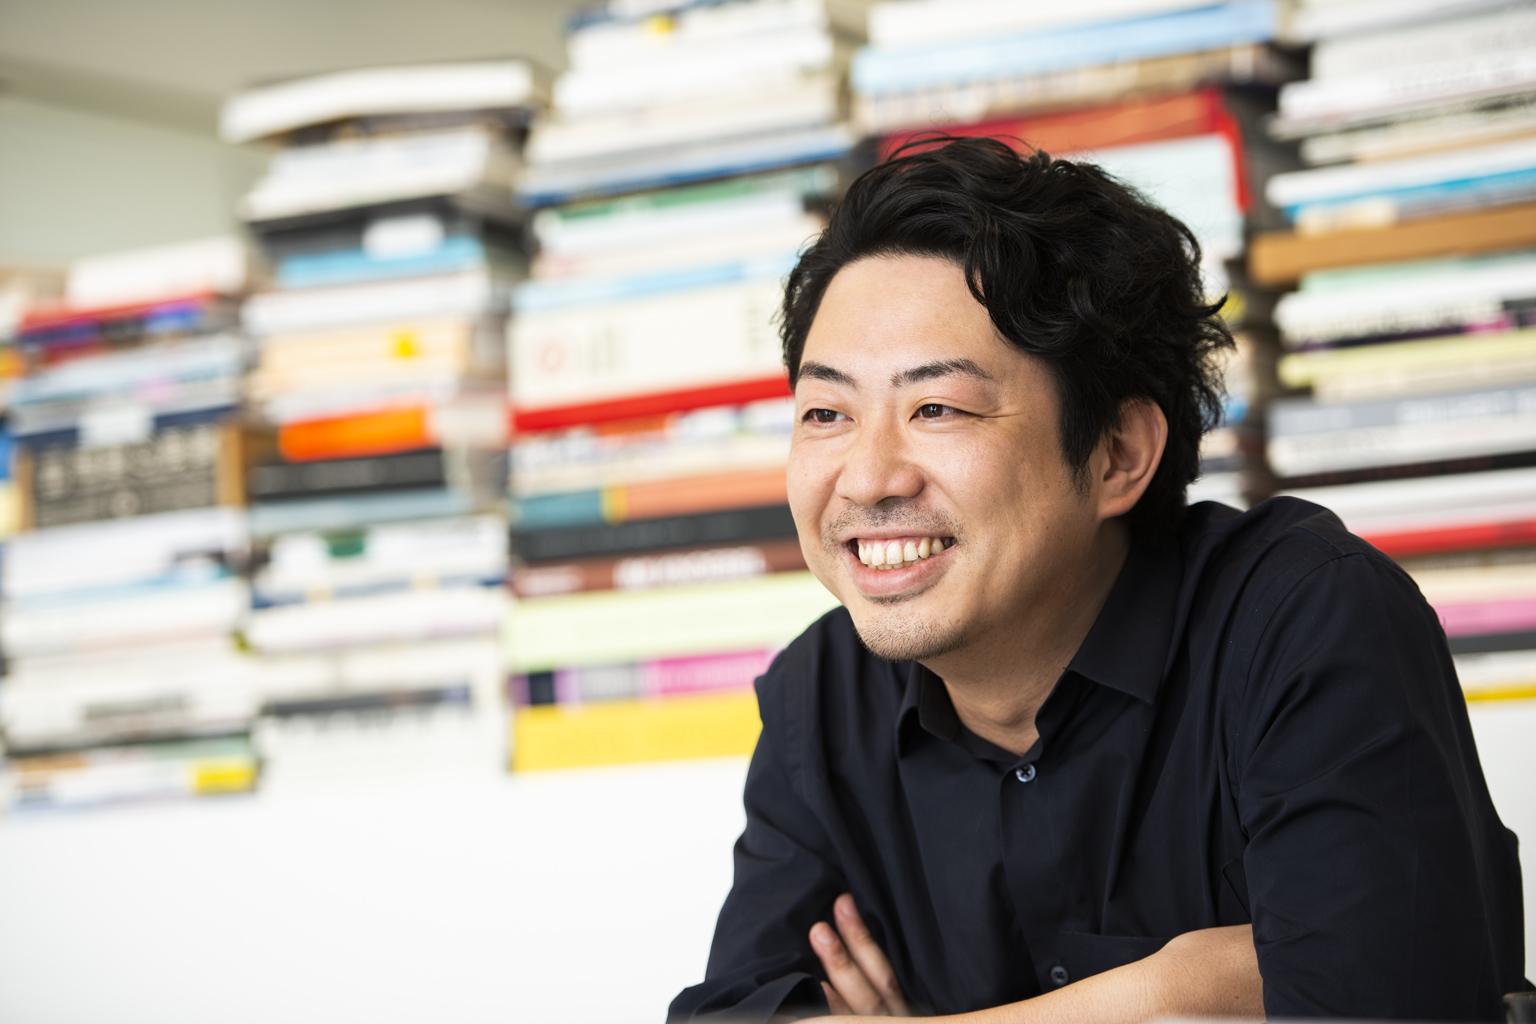 この時代、コンペの意義。デザイナー鈴木啓太に攻略法を聞く-インタビューに答えるデザイナー鈴木啓太